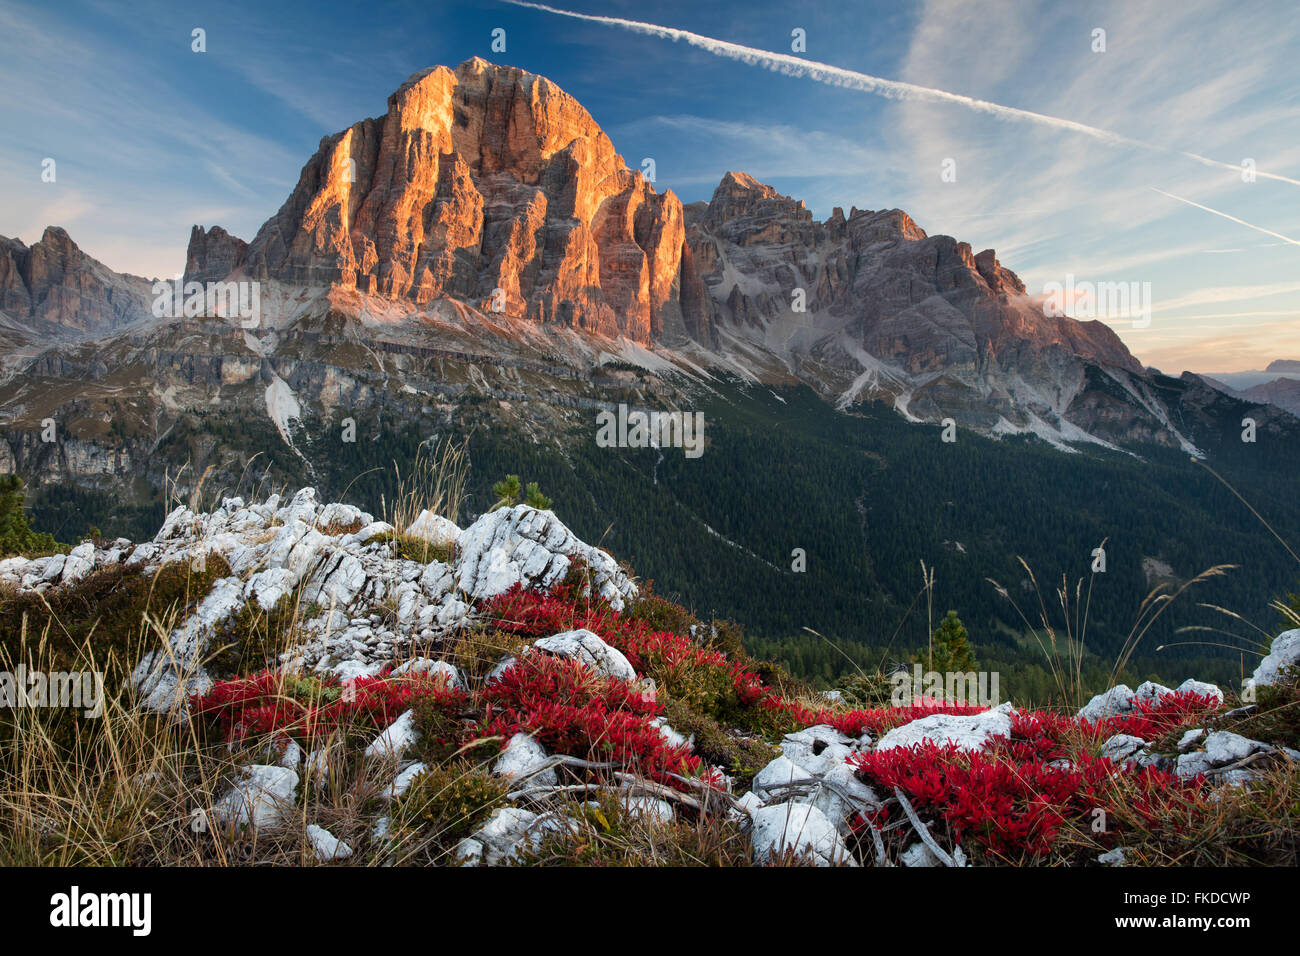 Prima luce su Tofana de Rozes da Cinque Torri, montagne dolomitiche, Provincia di Belluno, Veneto, Italia Immagini Stock